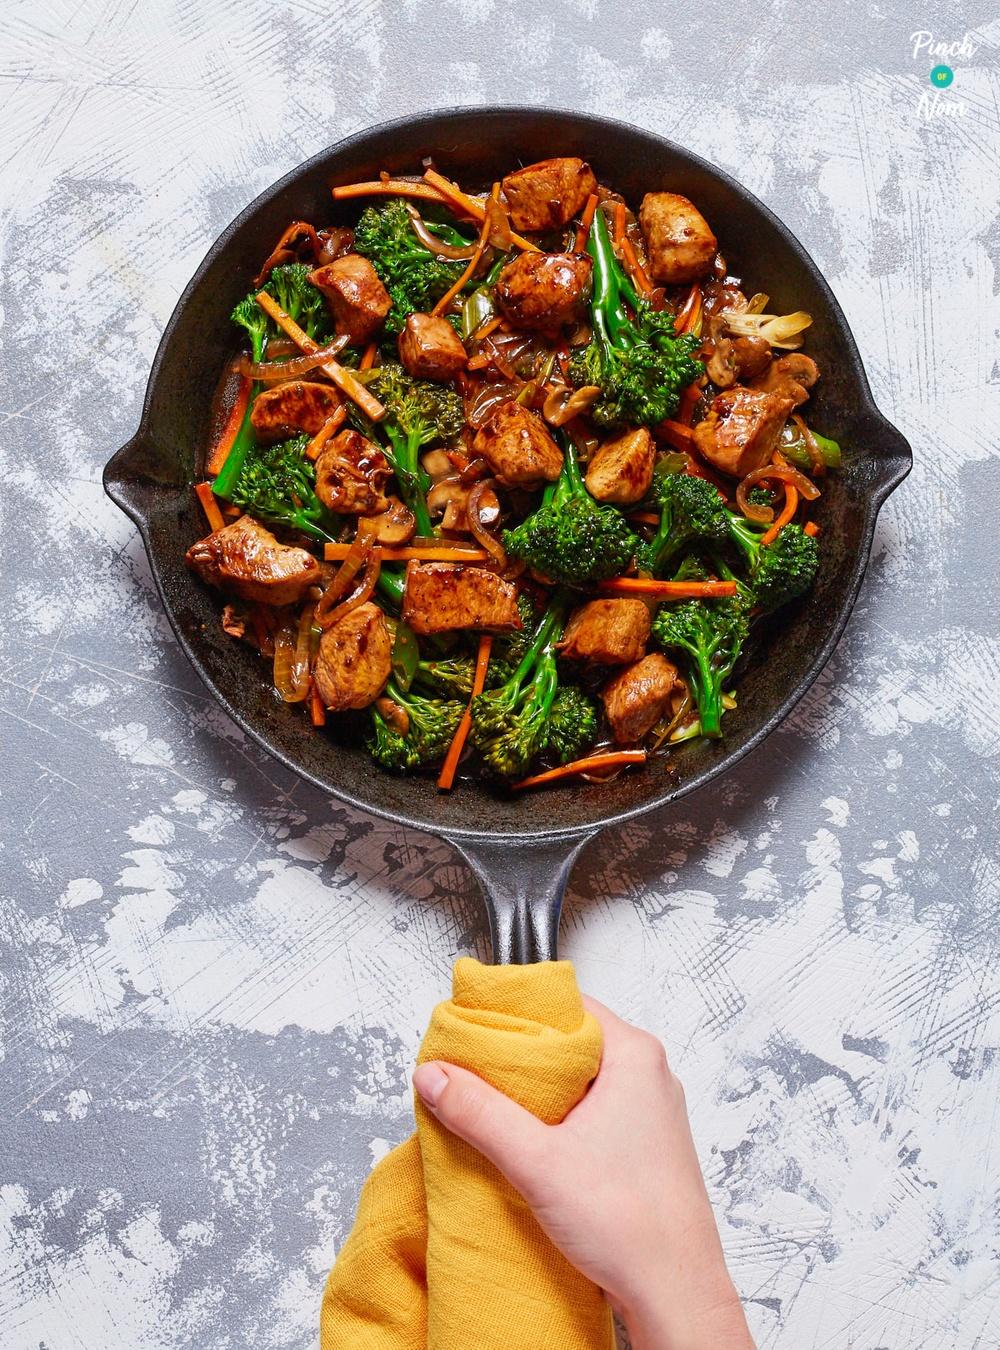 Chinese Chicken And Broccoli | Slimming & Weight Watchers Friendly Recipe | HeyFood — heyfoodapp.com